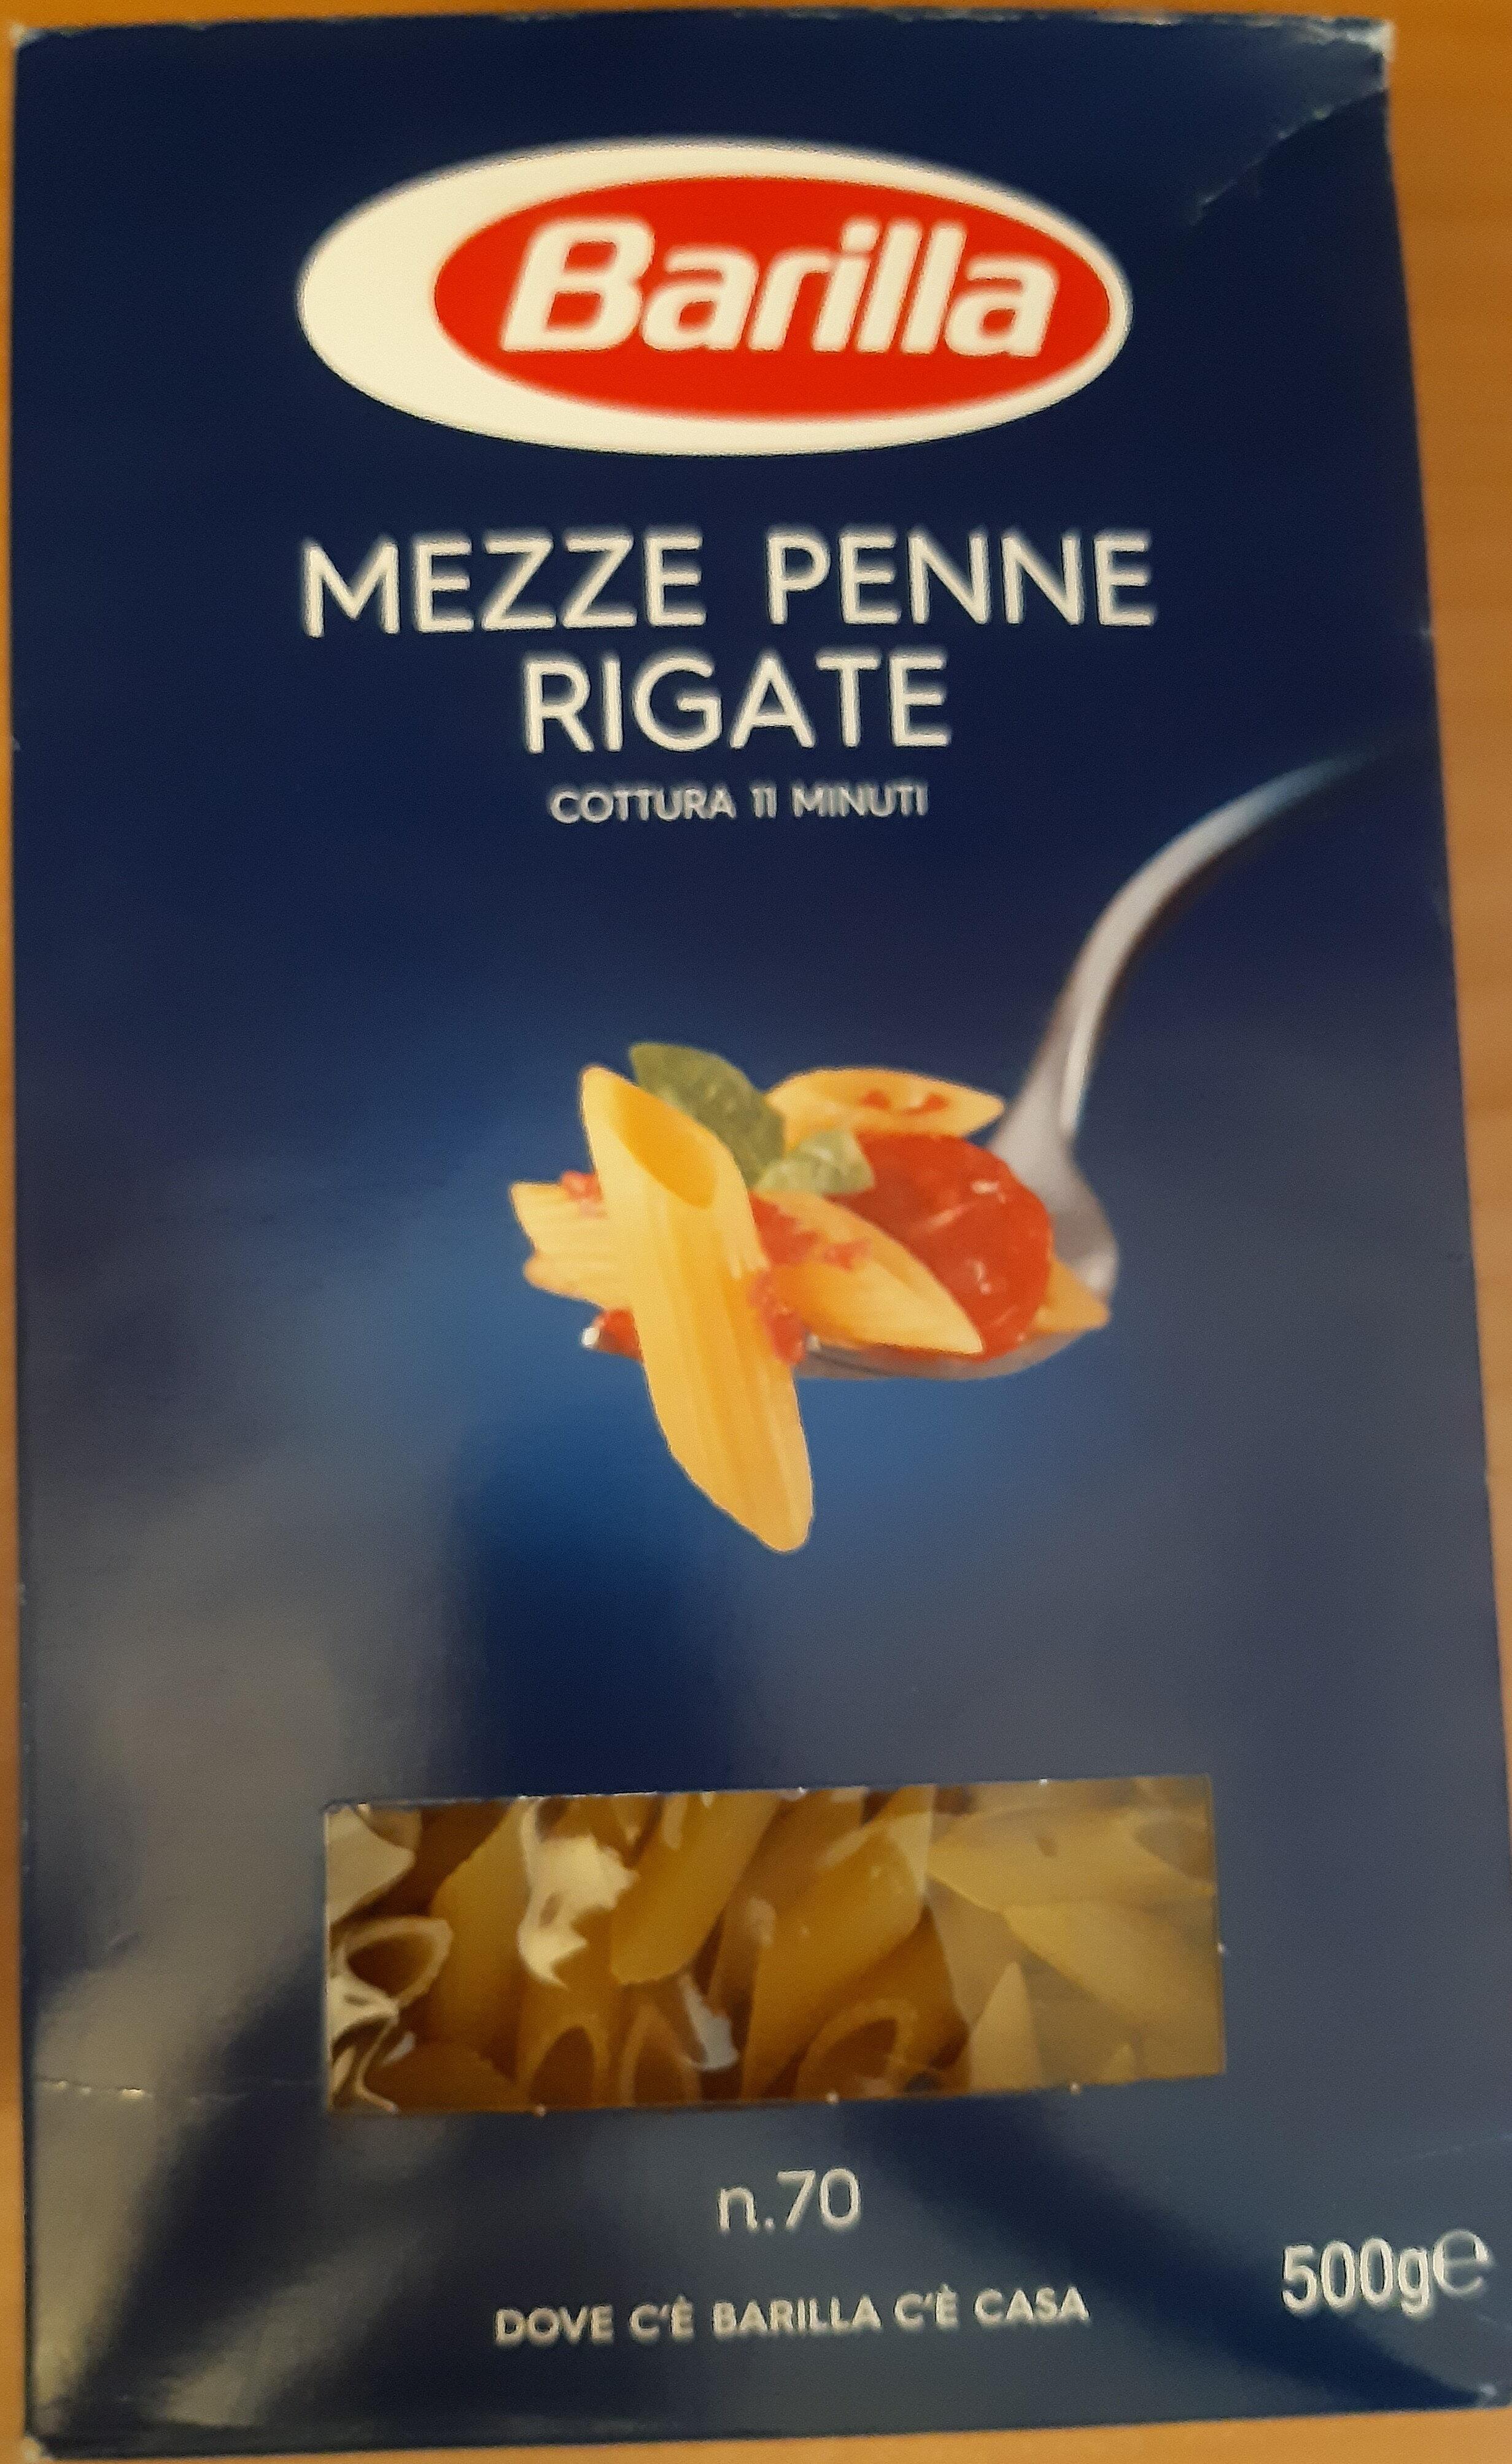 Mezze penne rigate n° - Product - it